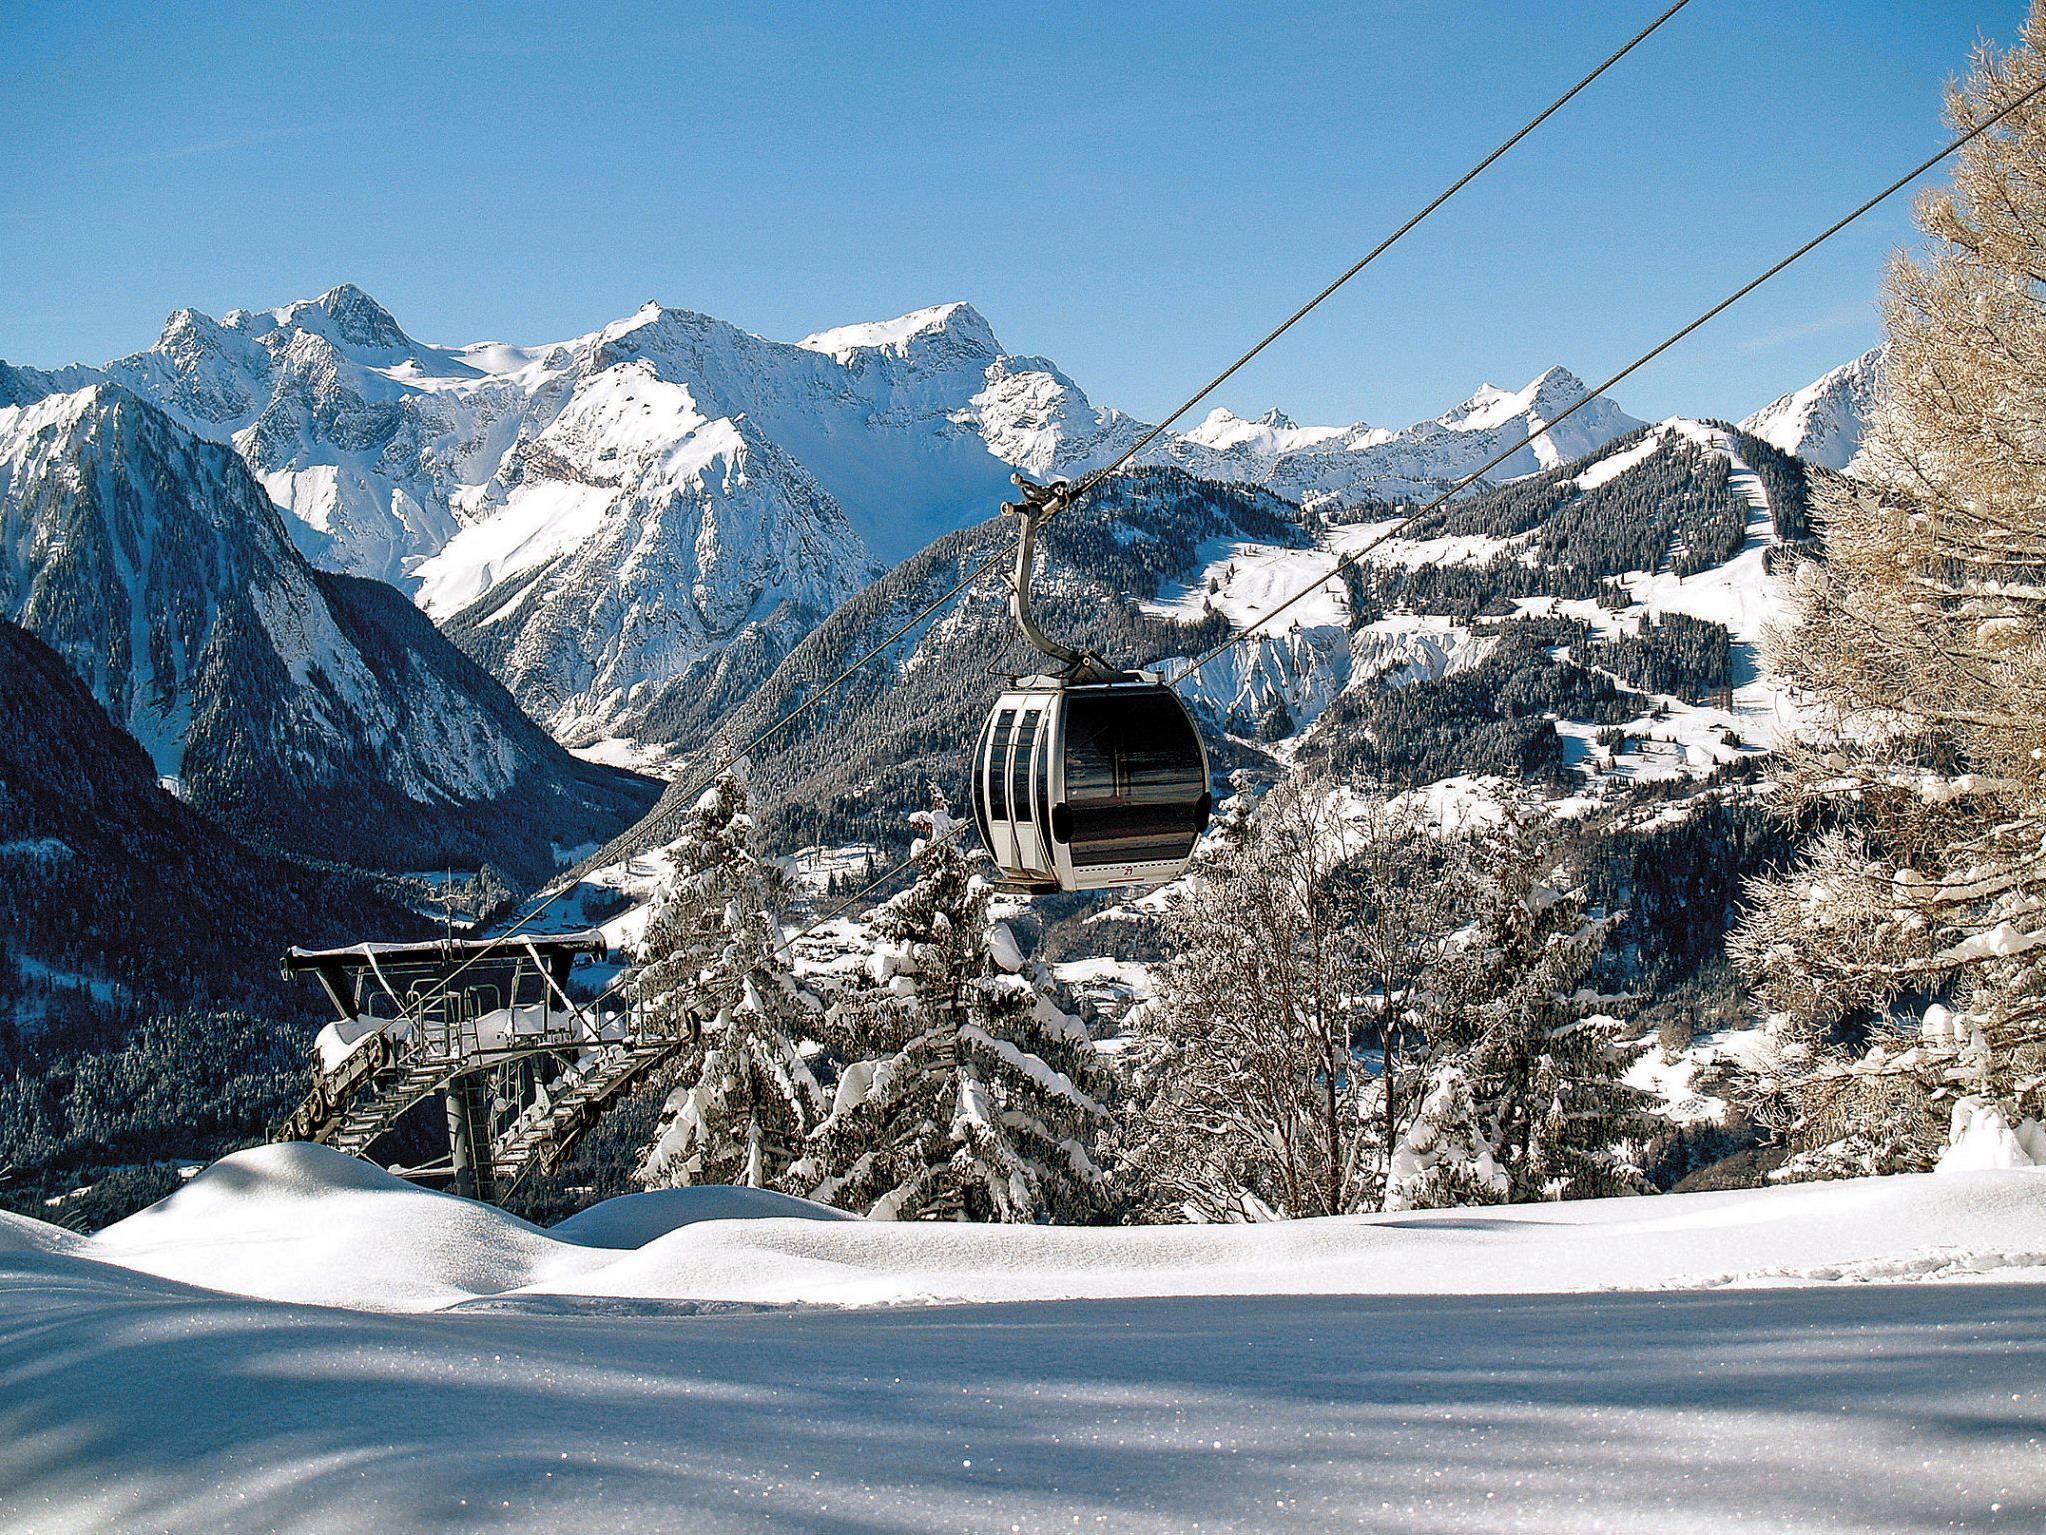 Die Muttersberg Seilbahn und Alpengasthof bis einschließlich 17. Dezember 2017 jeweils am Freitag, Samstag und Sonntag geöffnet